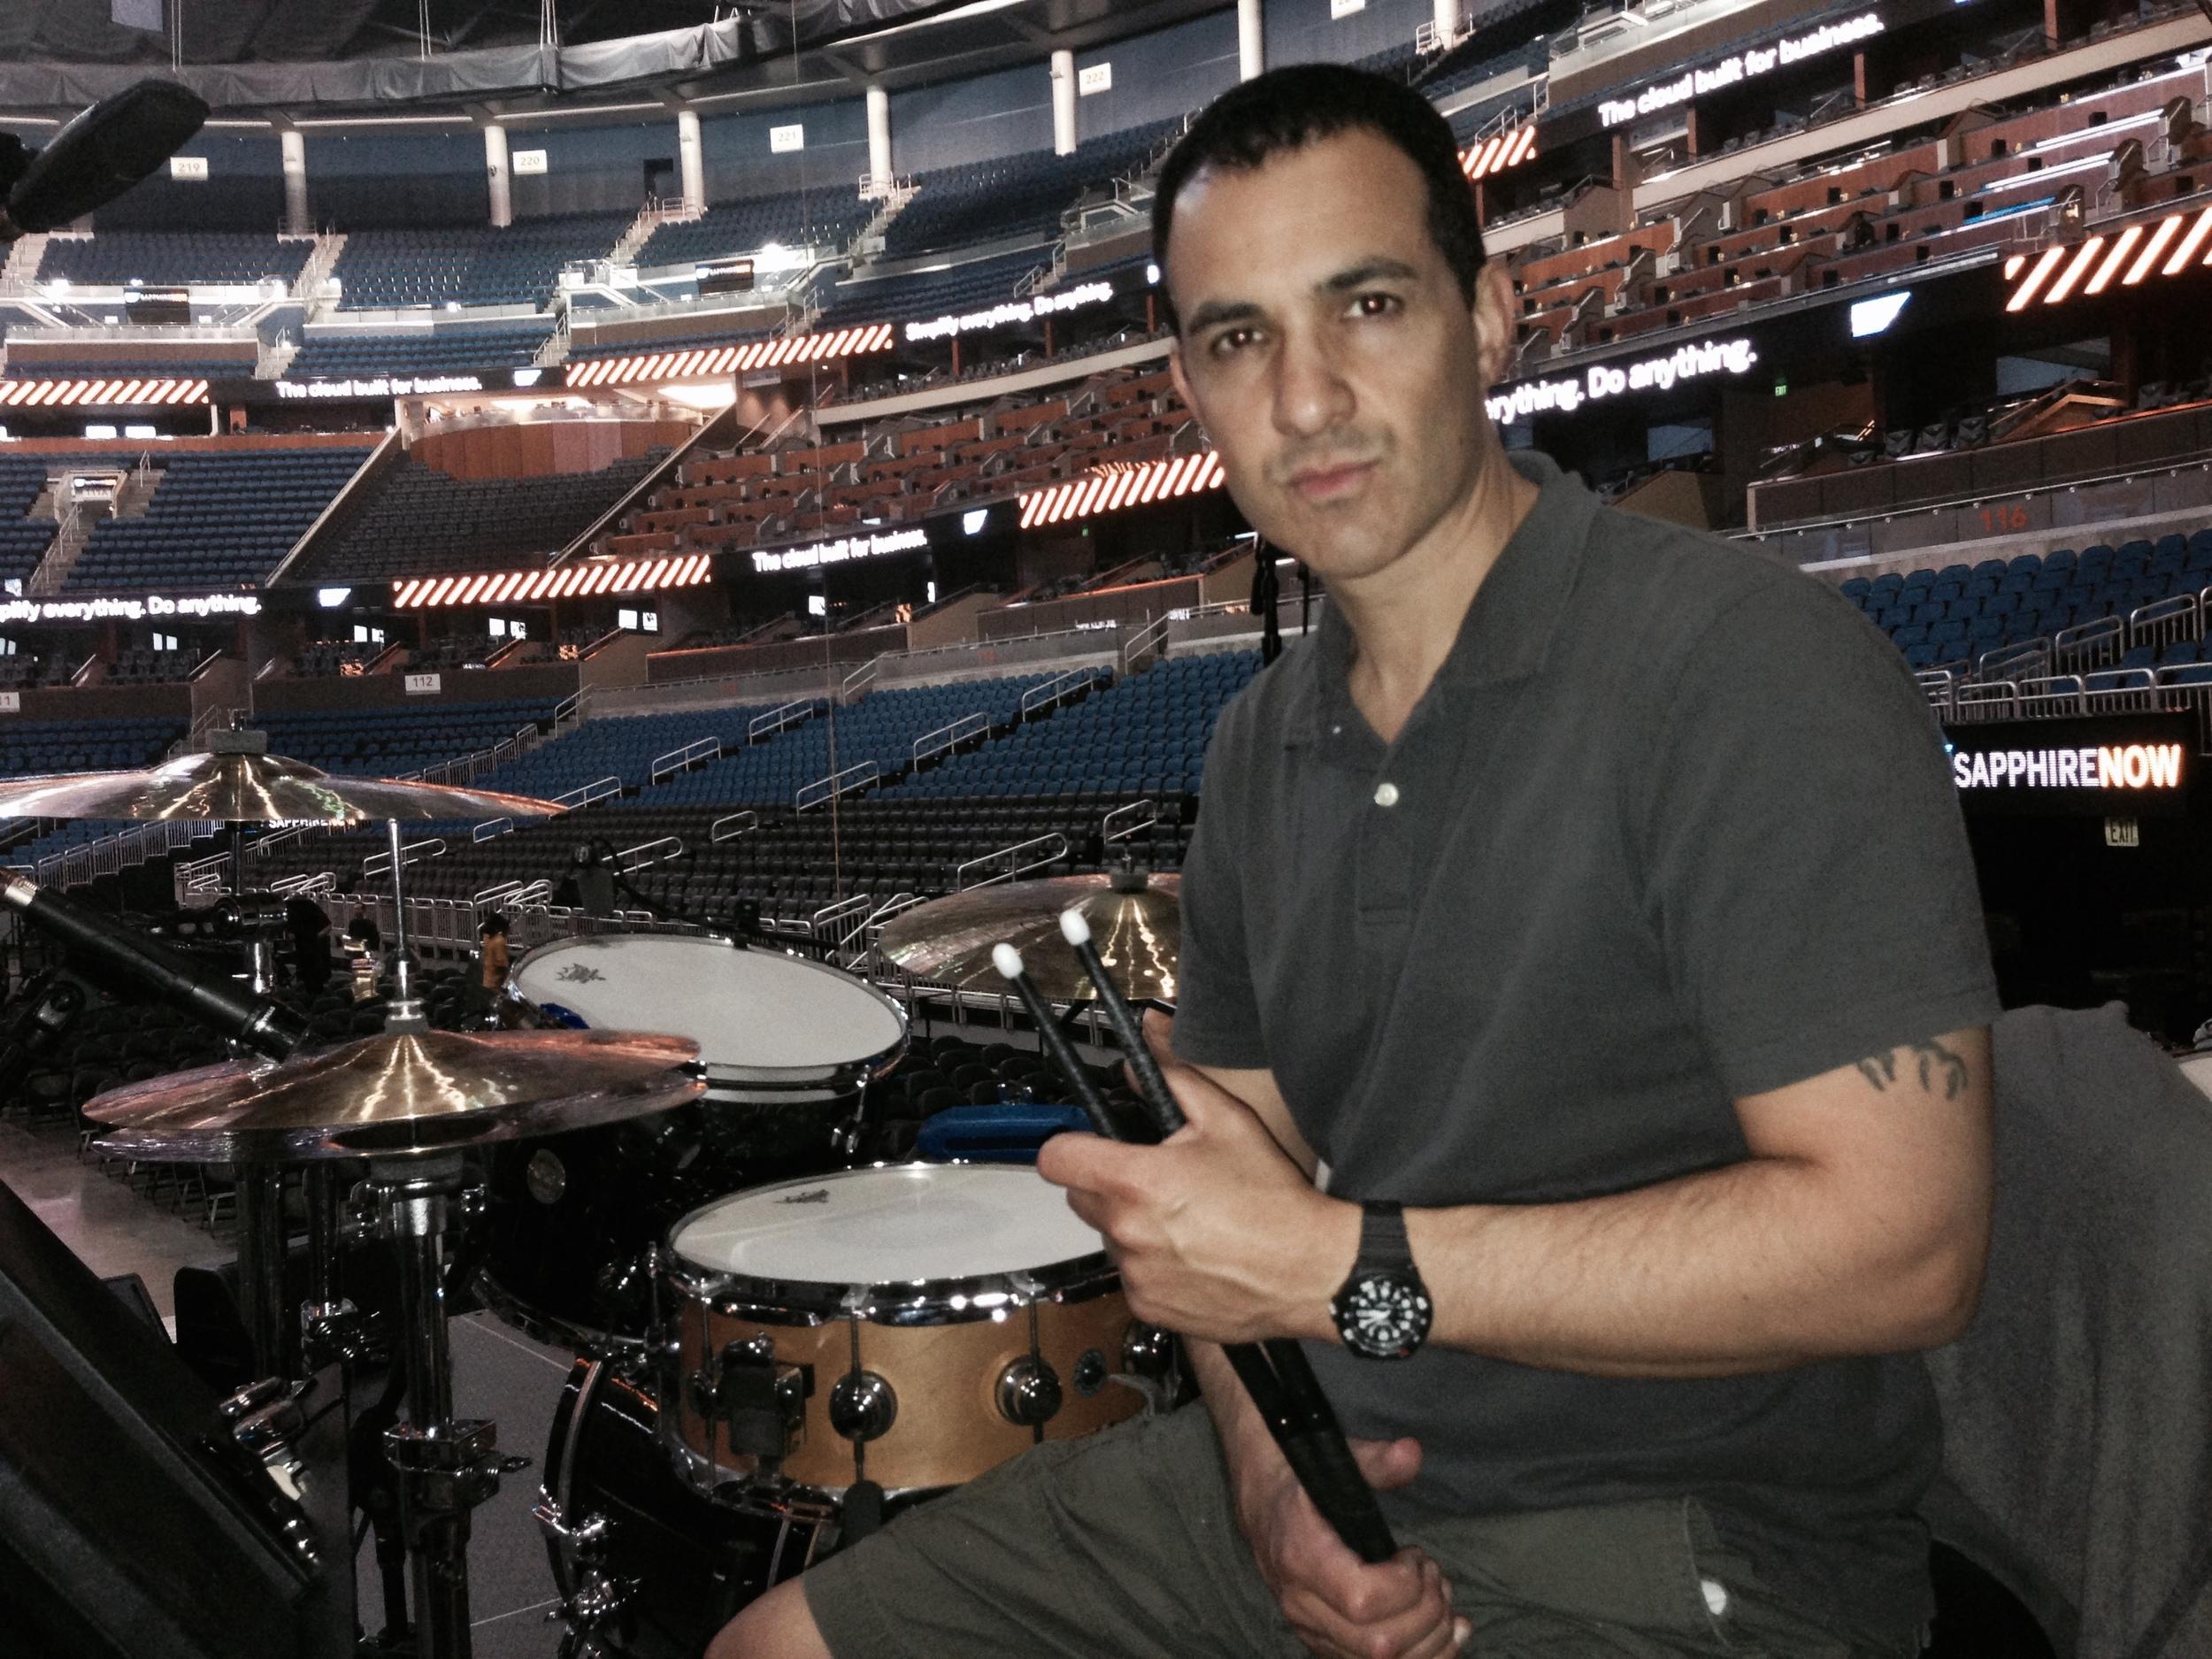 Sound check Am Way Center Orlando, Florida 2014